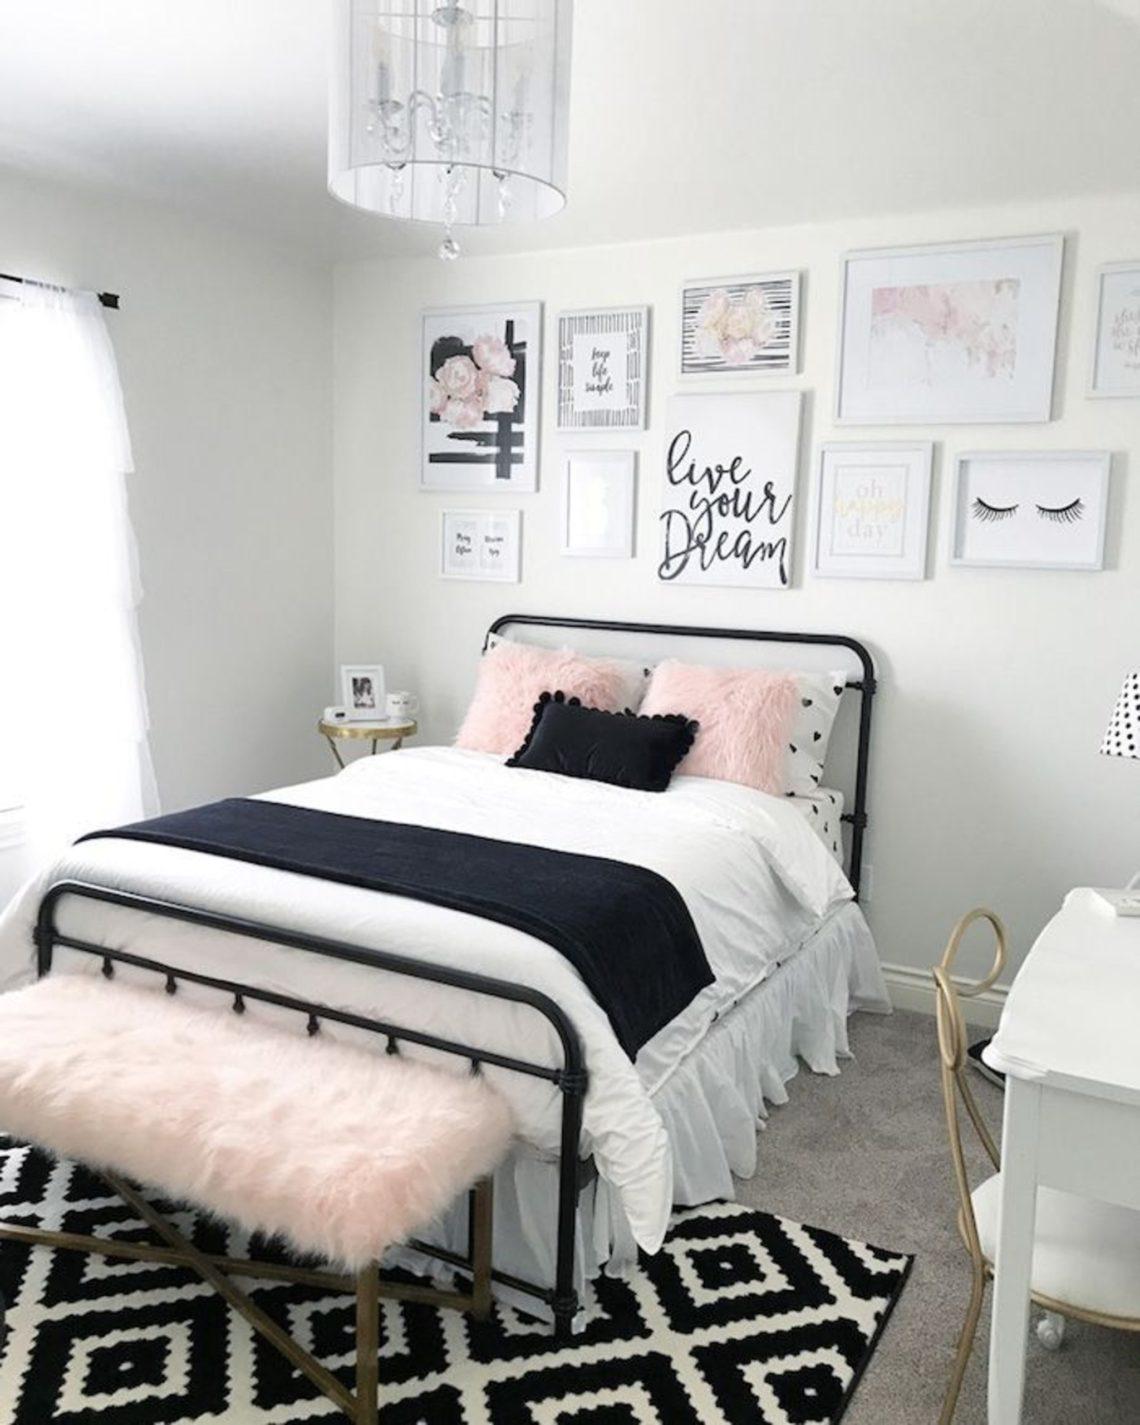 quarto tumblr com decoração preto e branco e rosinha claro